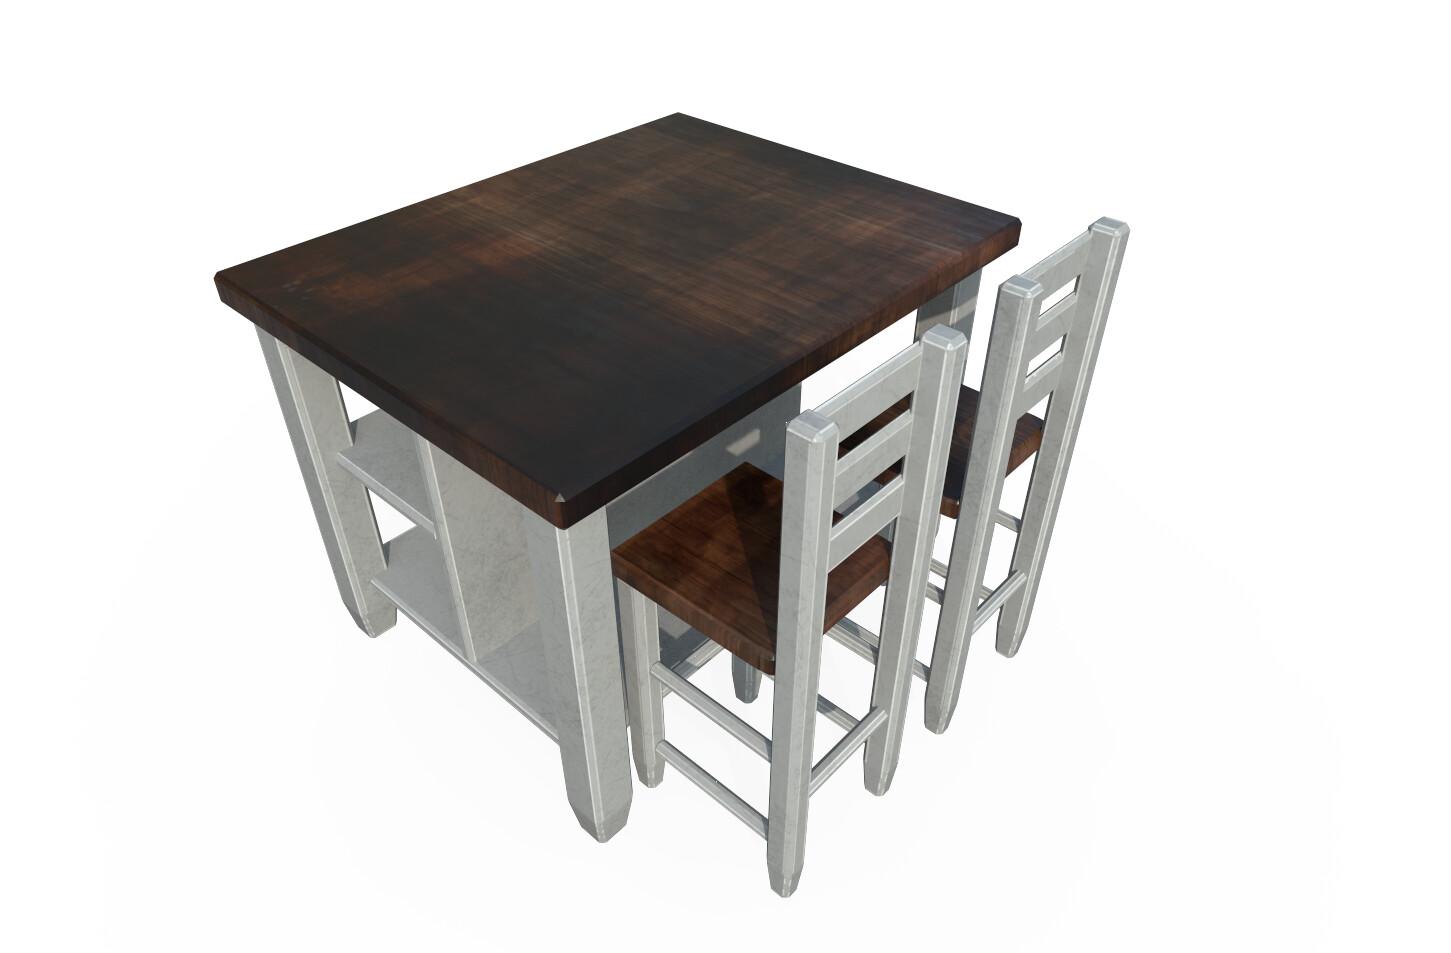 Joseph moniz breakfasttable001d